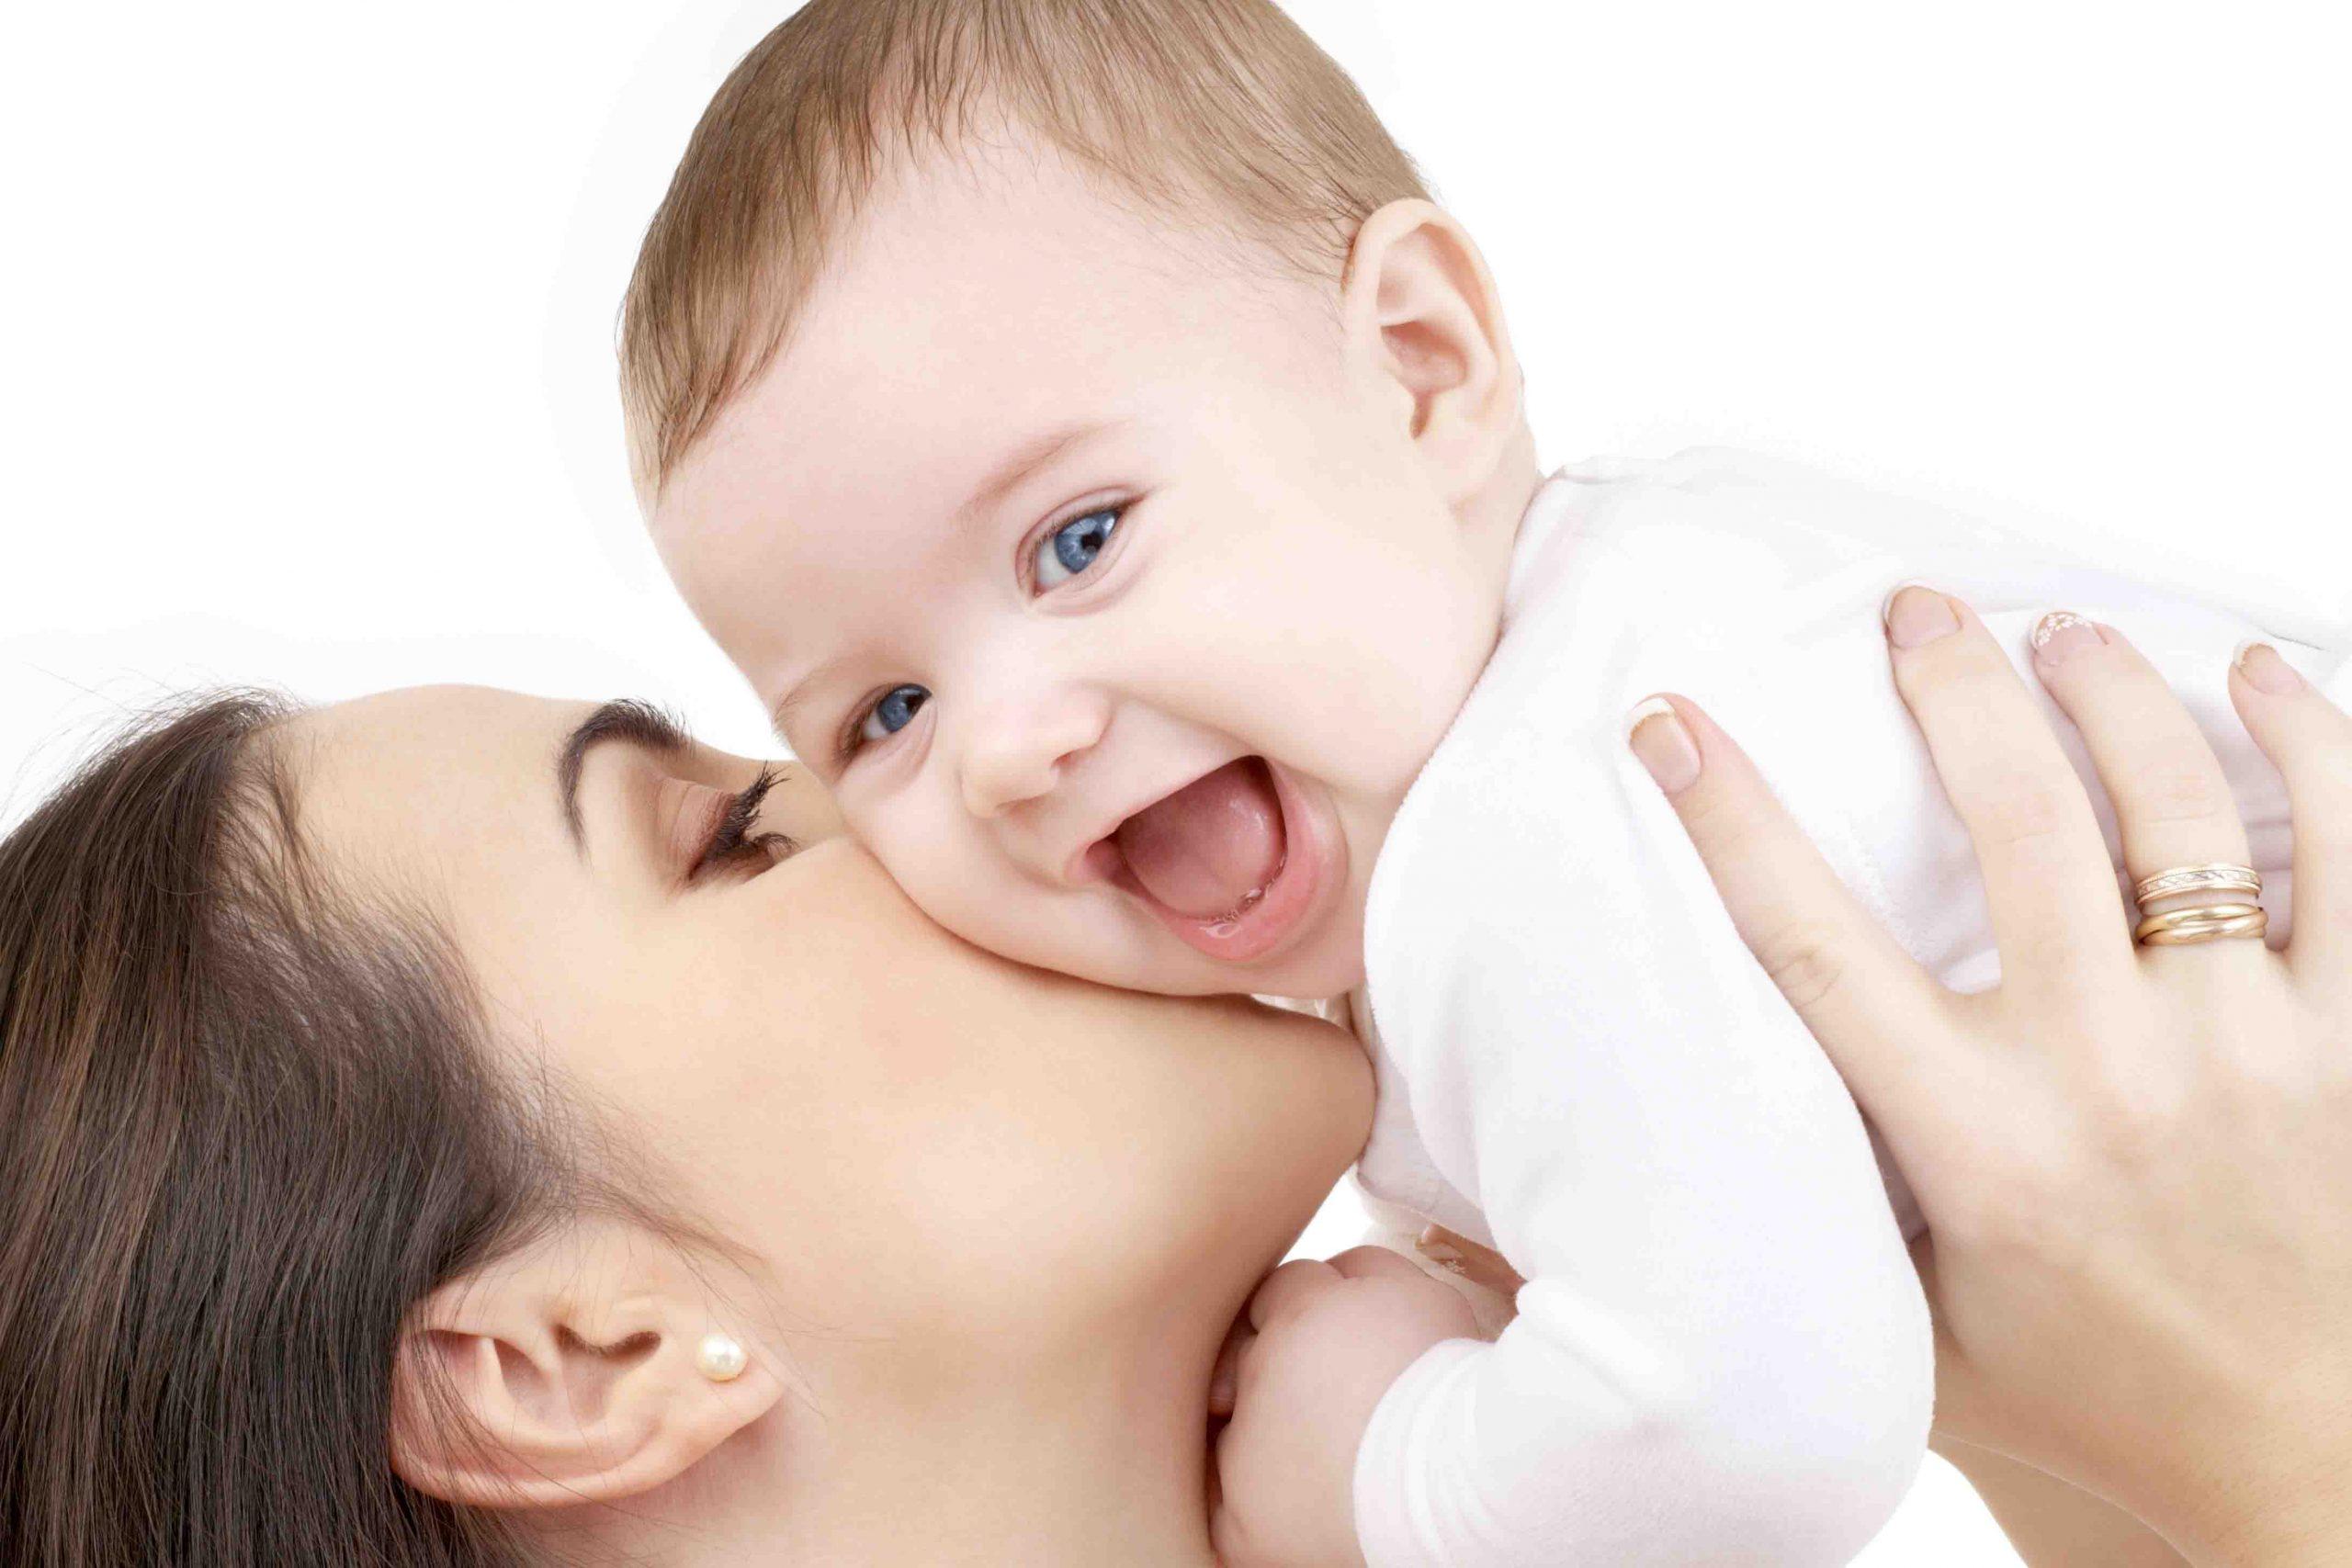 علت و دلیل بوی بدن نوزاد